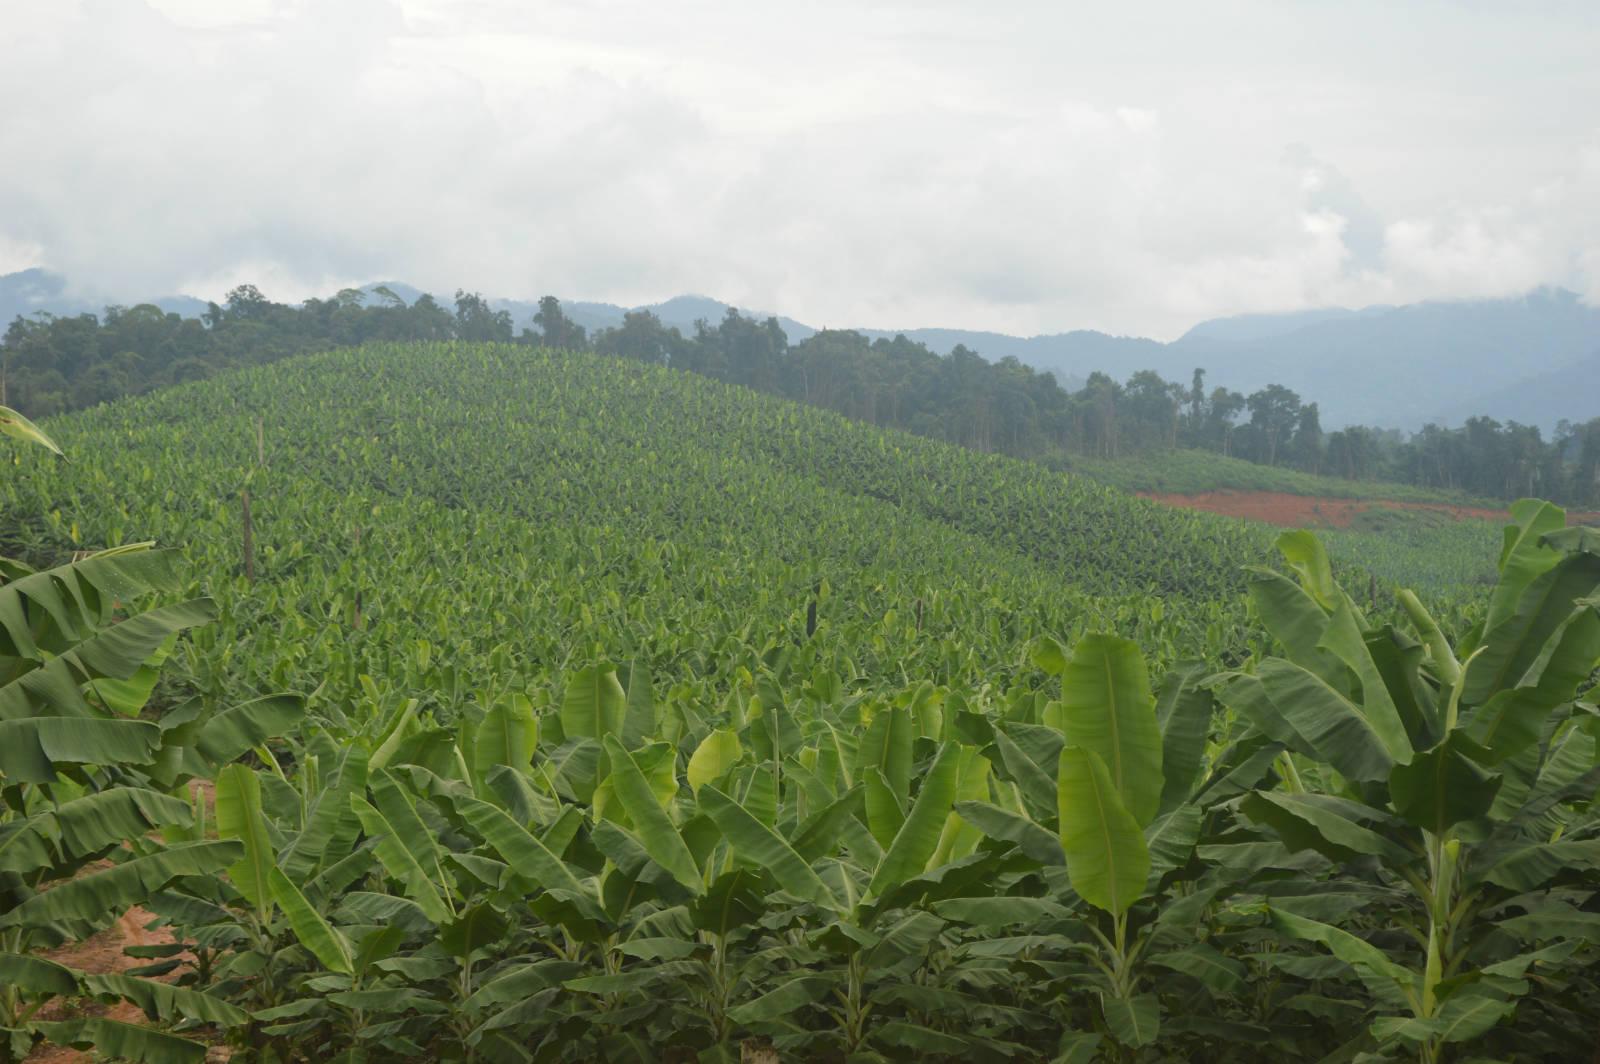 香蕉種植園佔領了緬甸的社區森林。